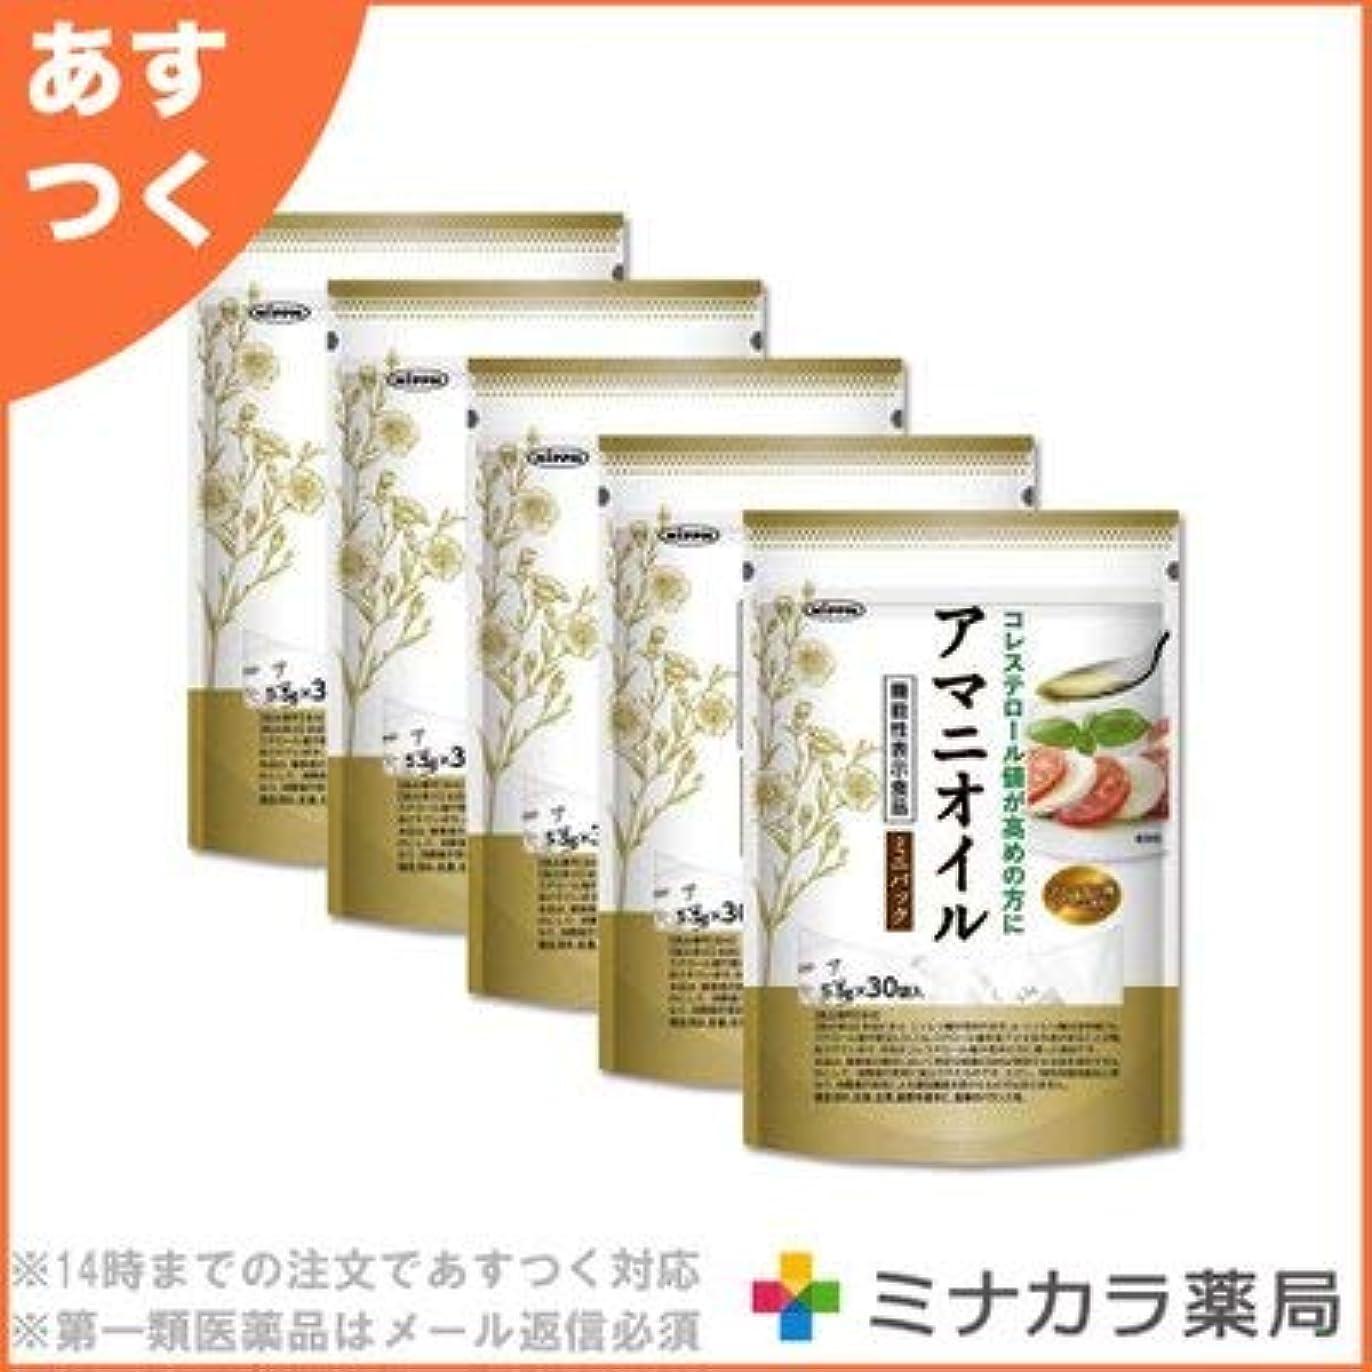 行進彫刻家後継日本製粉 アマニオイル ミニパック 5.5g×30 (機能性表示食品)×5個セット